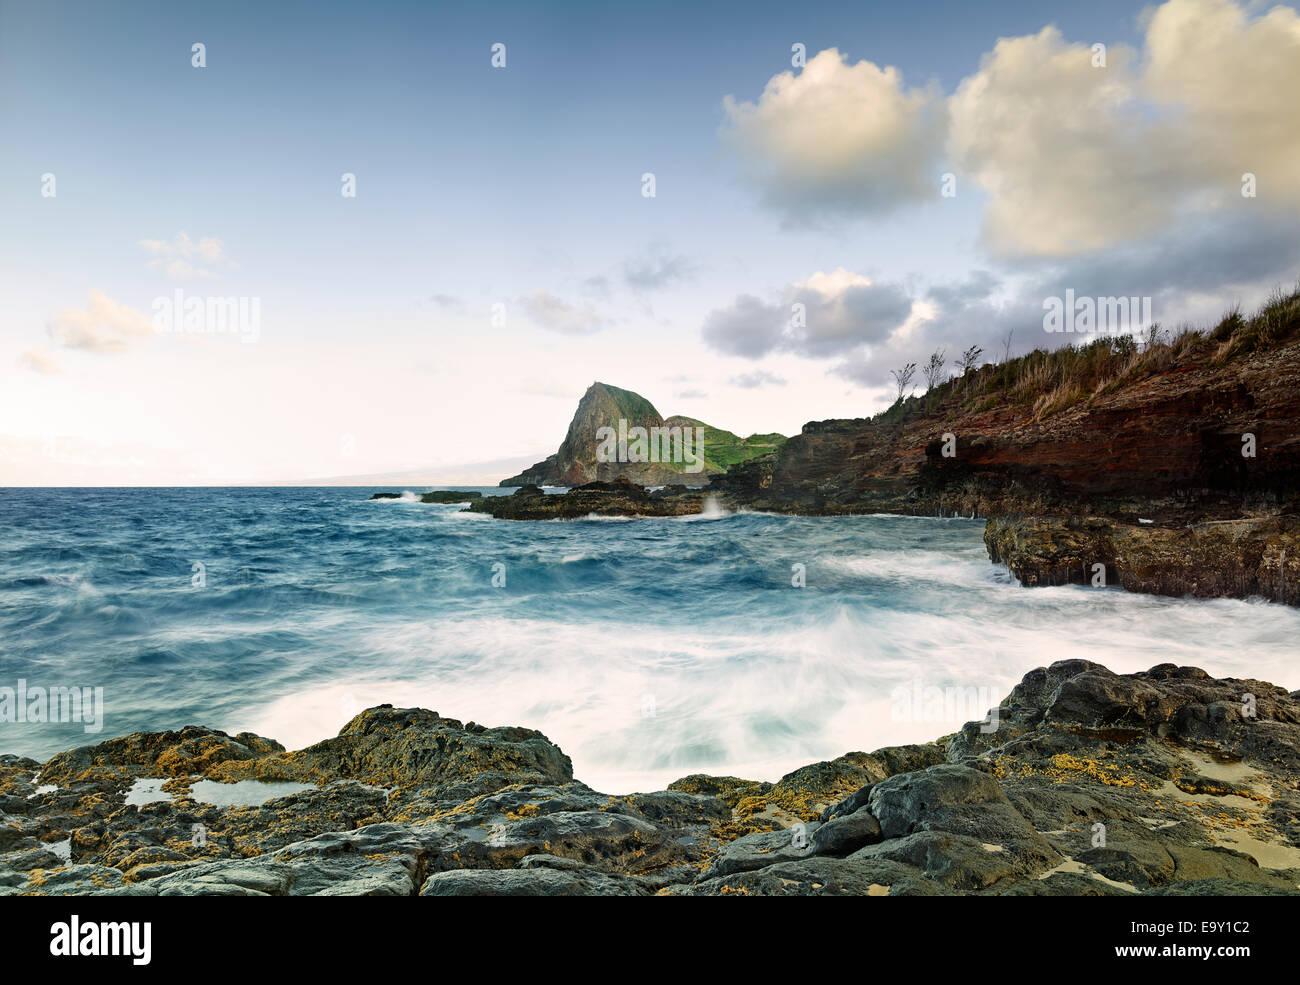 Küste bei Kahakuloa Bay, Maui, Hawaii, Vereinigte Staaten von Amerika Stockbild